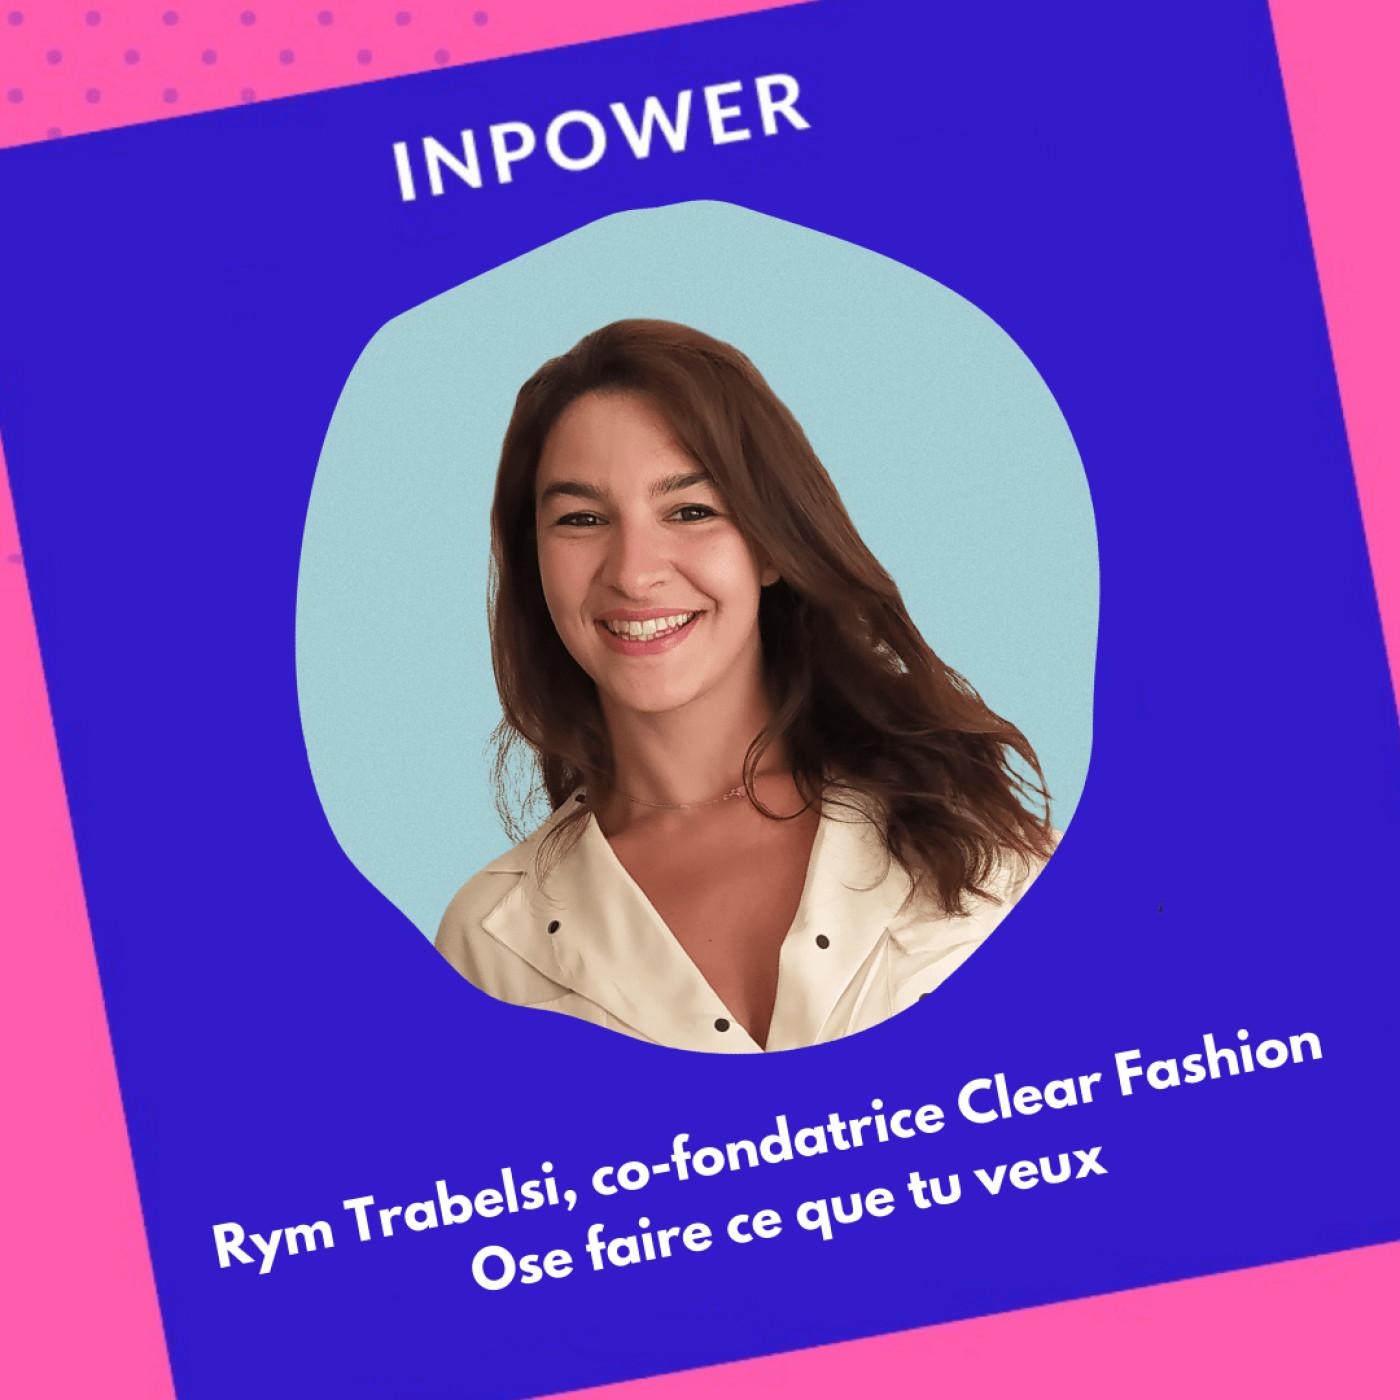 Rym Trabelsi, co-fondatrice de Clear Fashion - Ose faire ce que tu veux